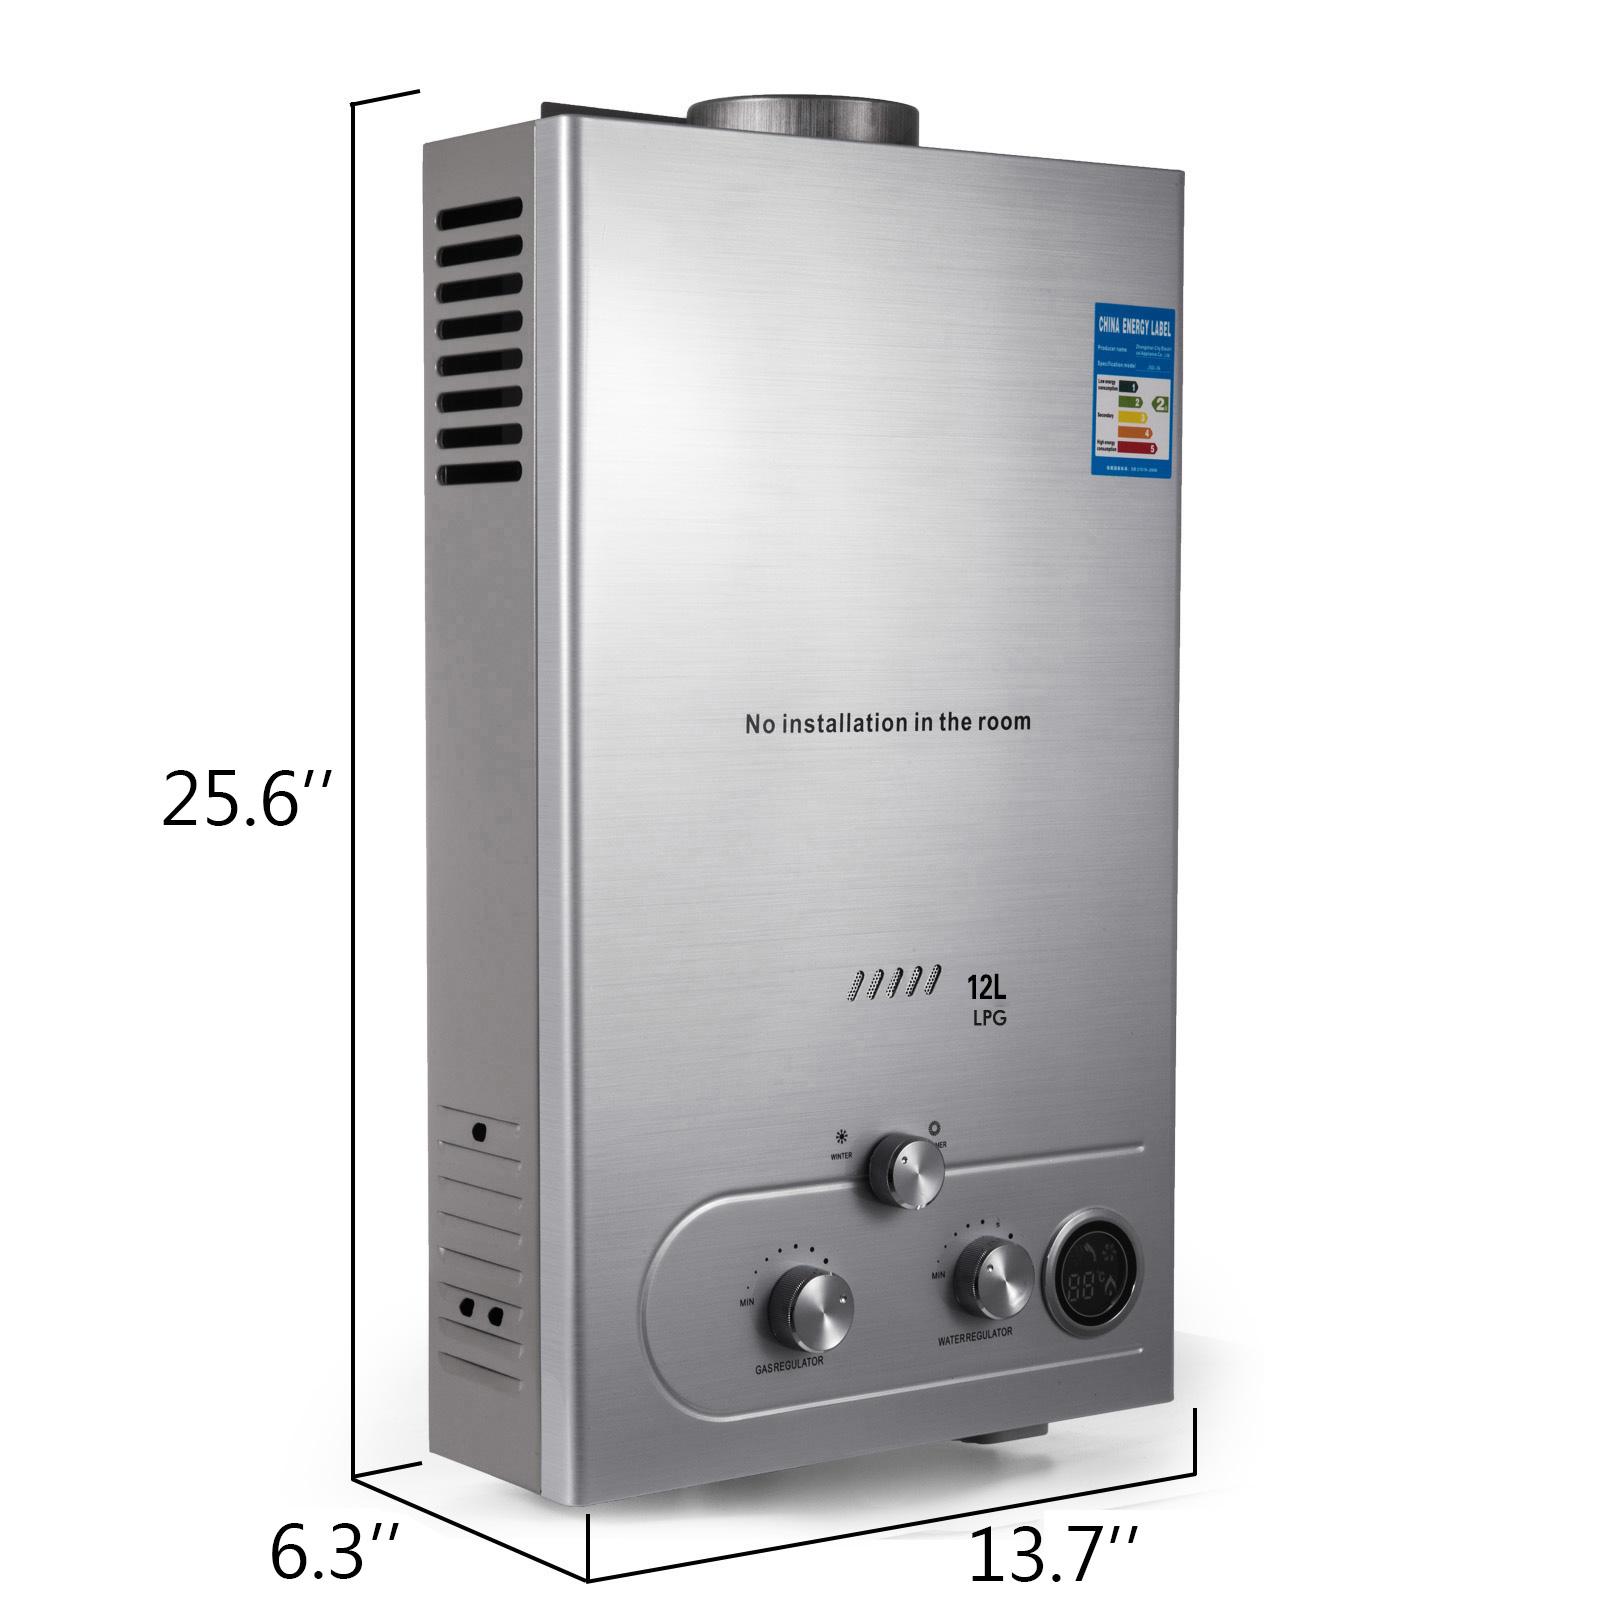 Propangas-Gas-Durchlauferhitzer-Warmwasserbereiter-Boiler-Warmwasserspeicher Indexbild 62